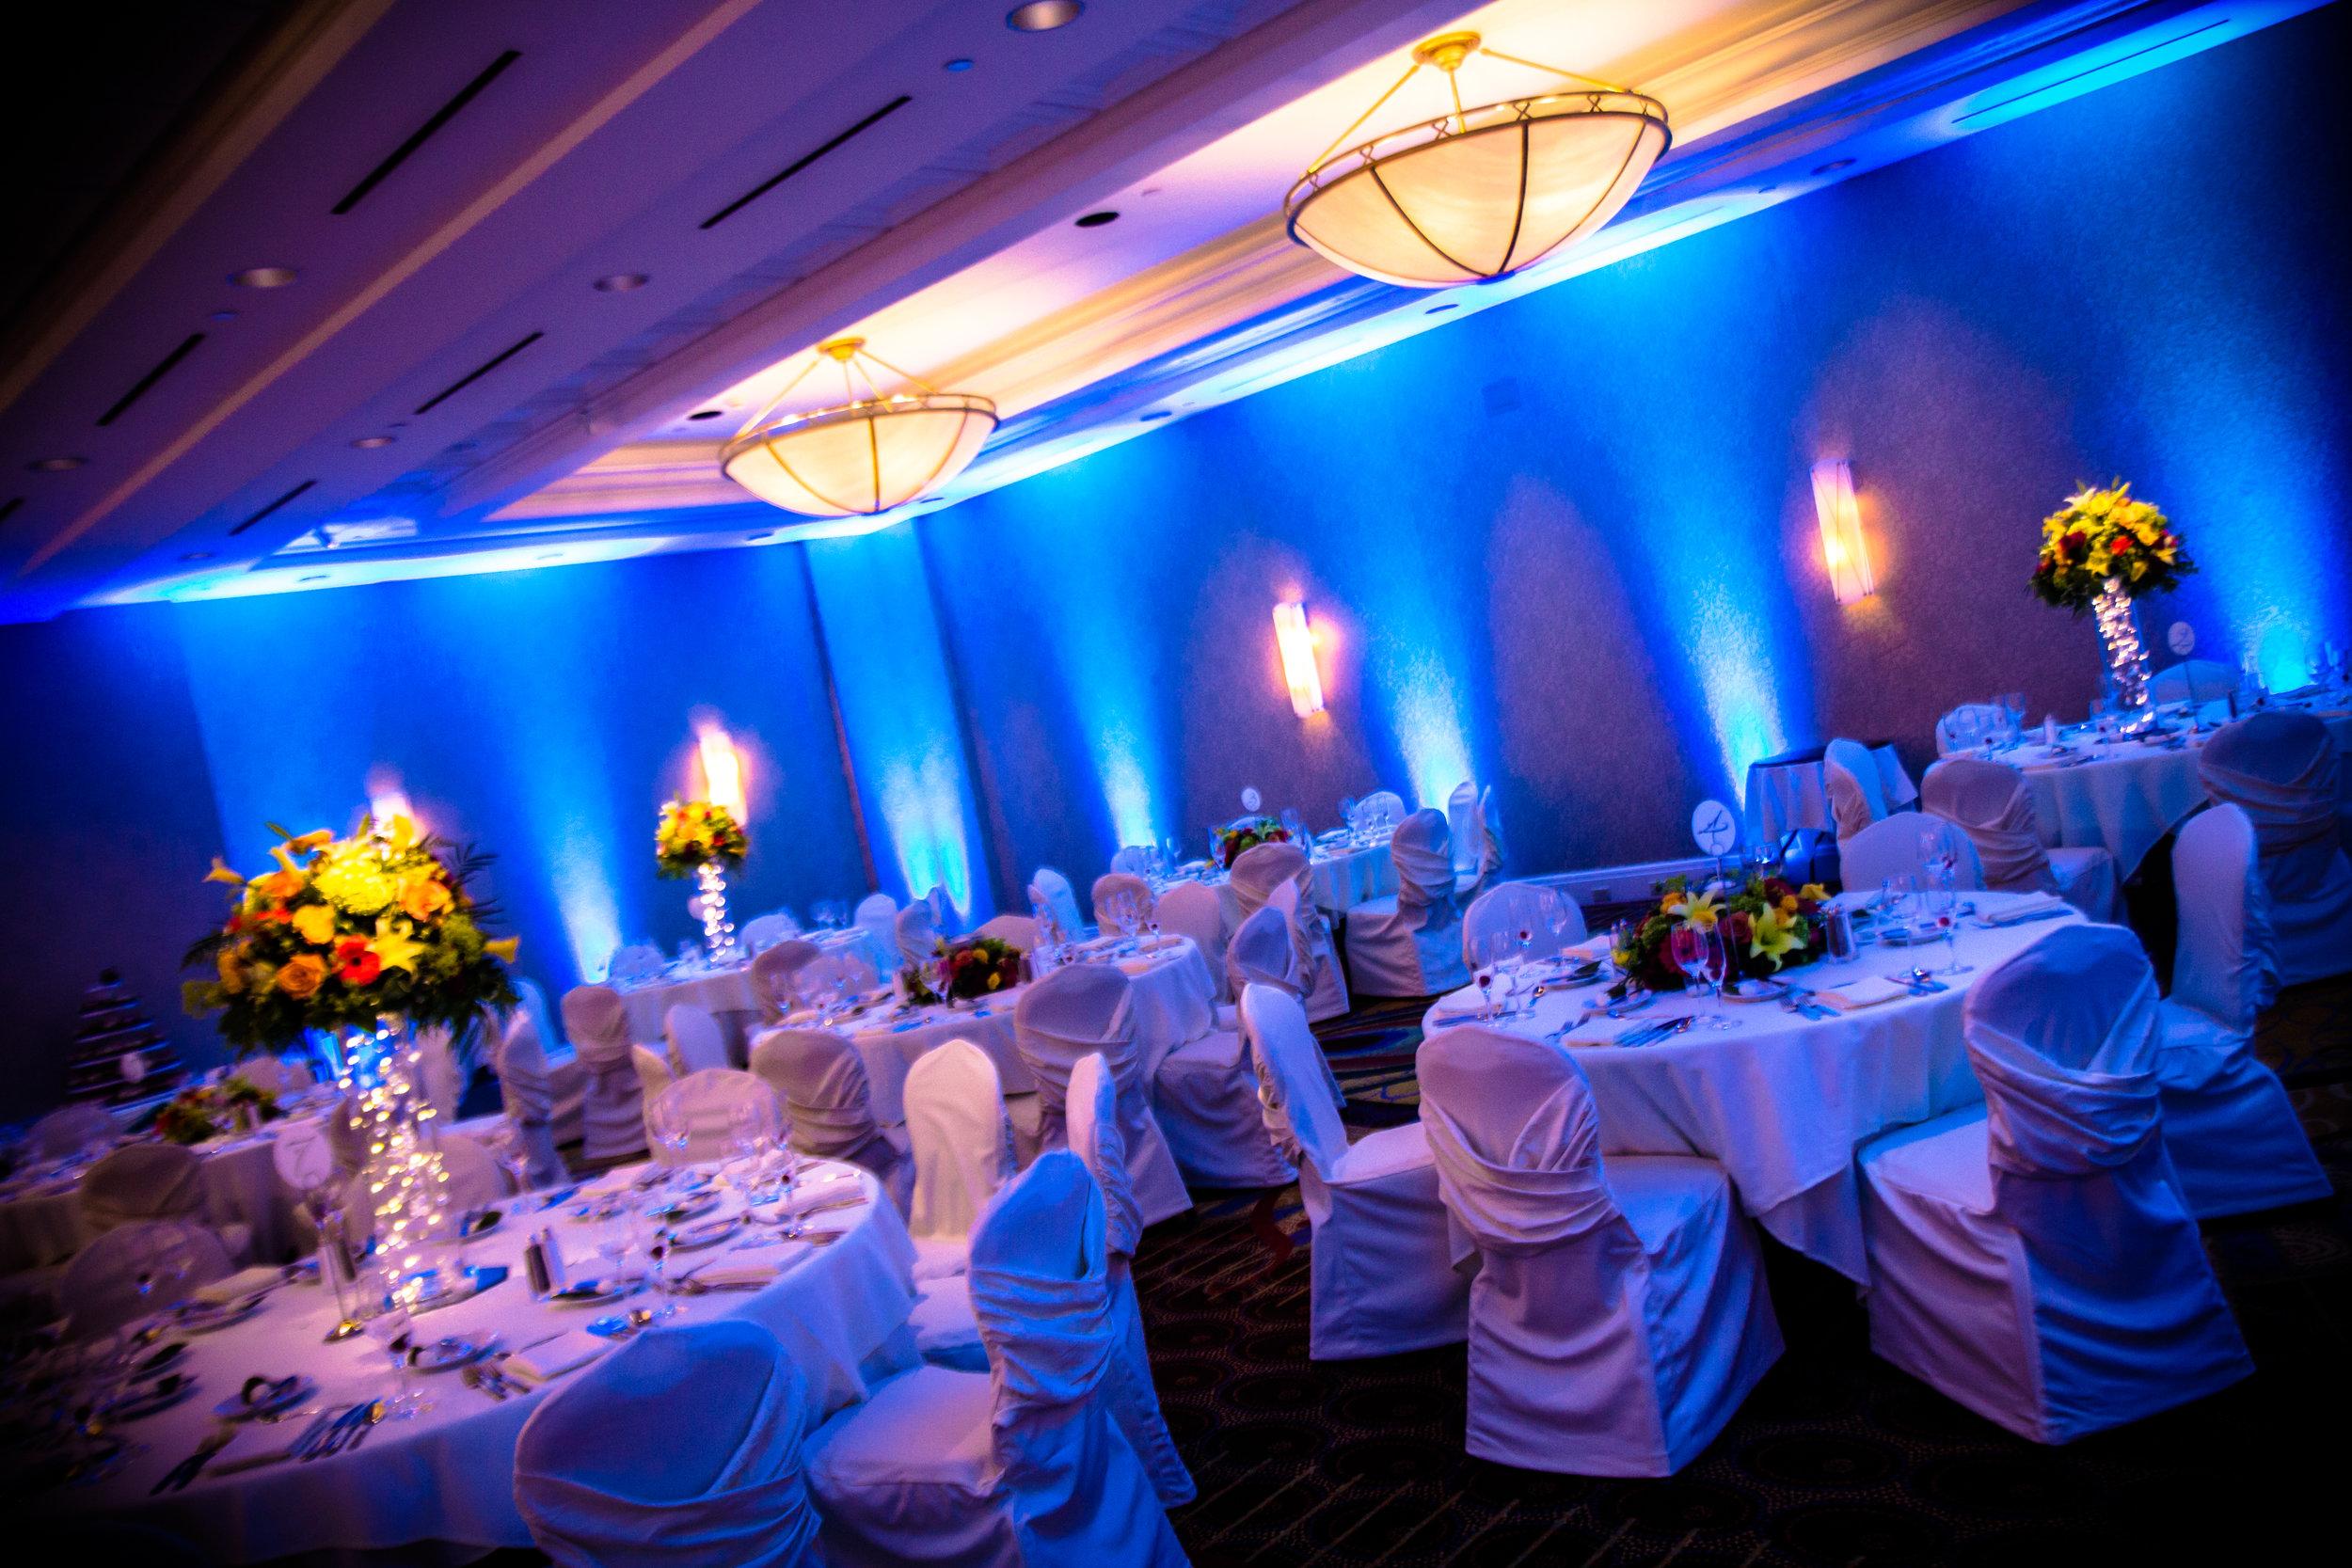 Up Lighting Greece Marriott